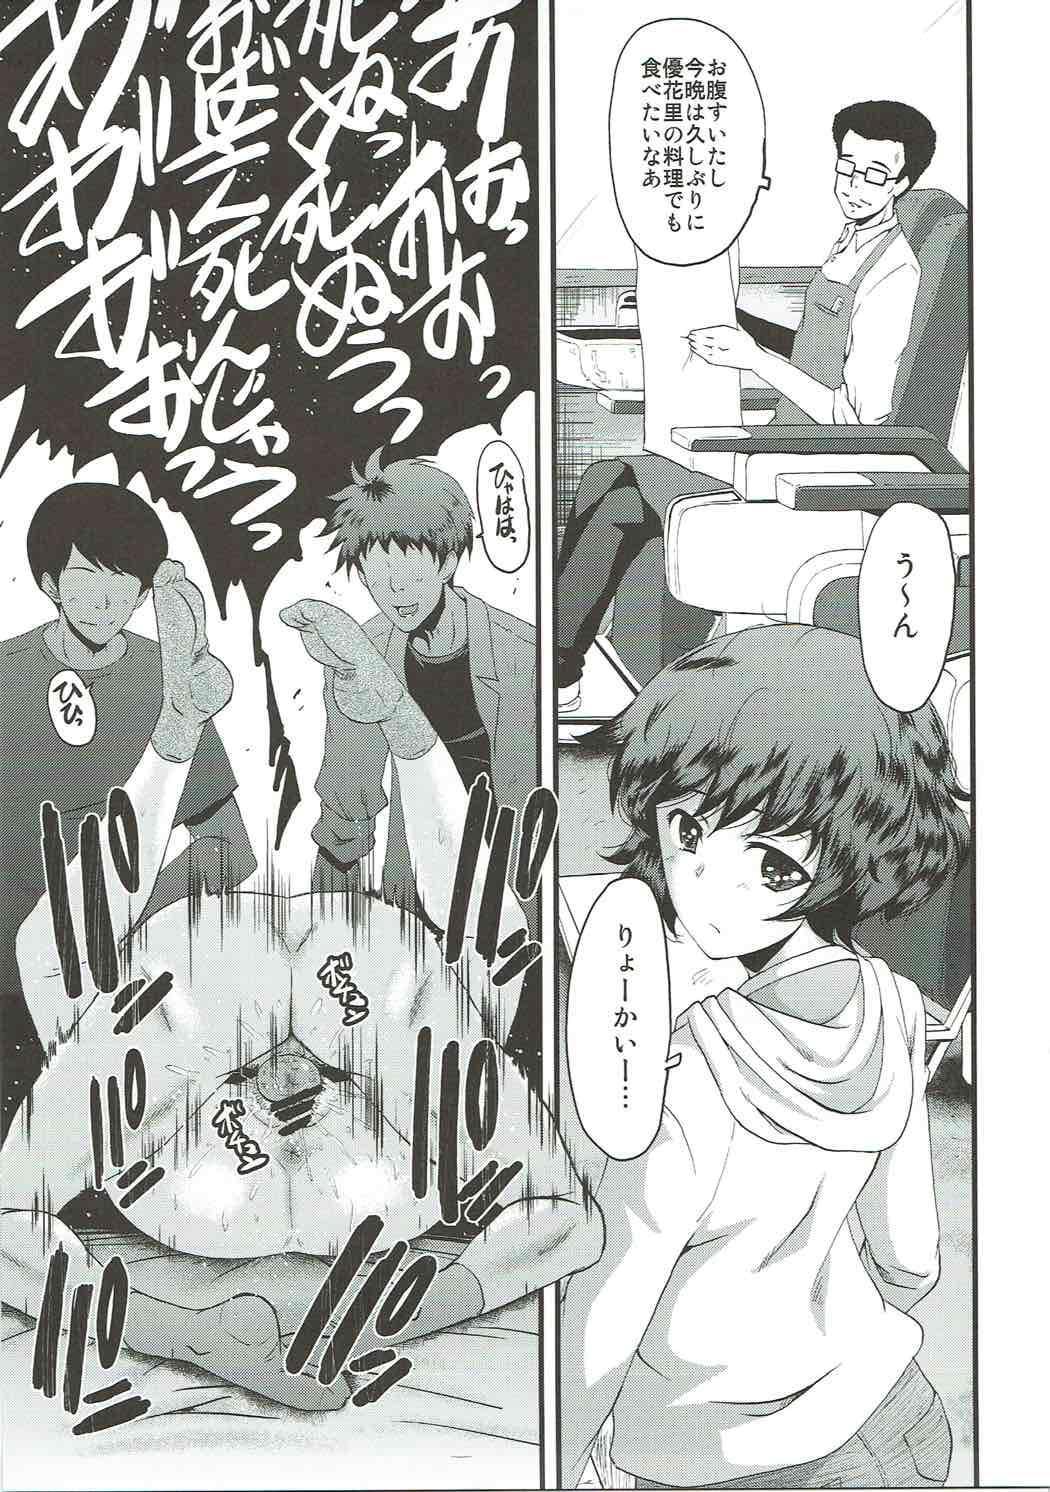 Urabambi 54 Oku-san, Chotto Ii desu ka? 13